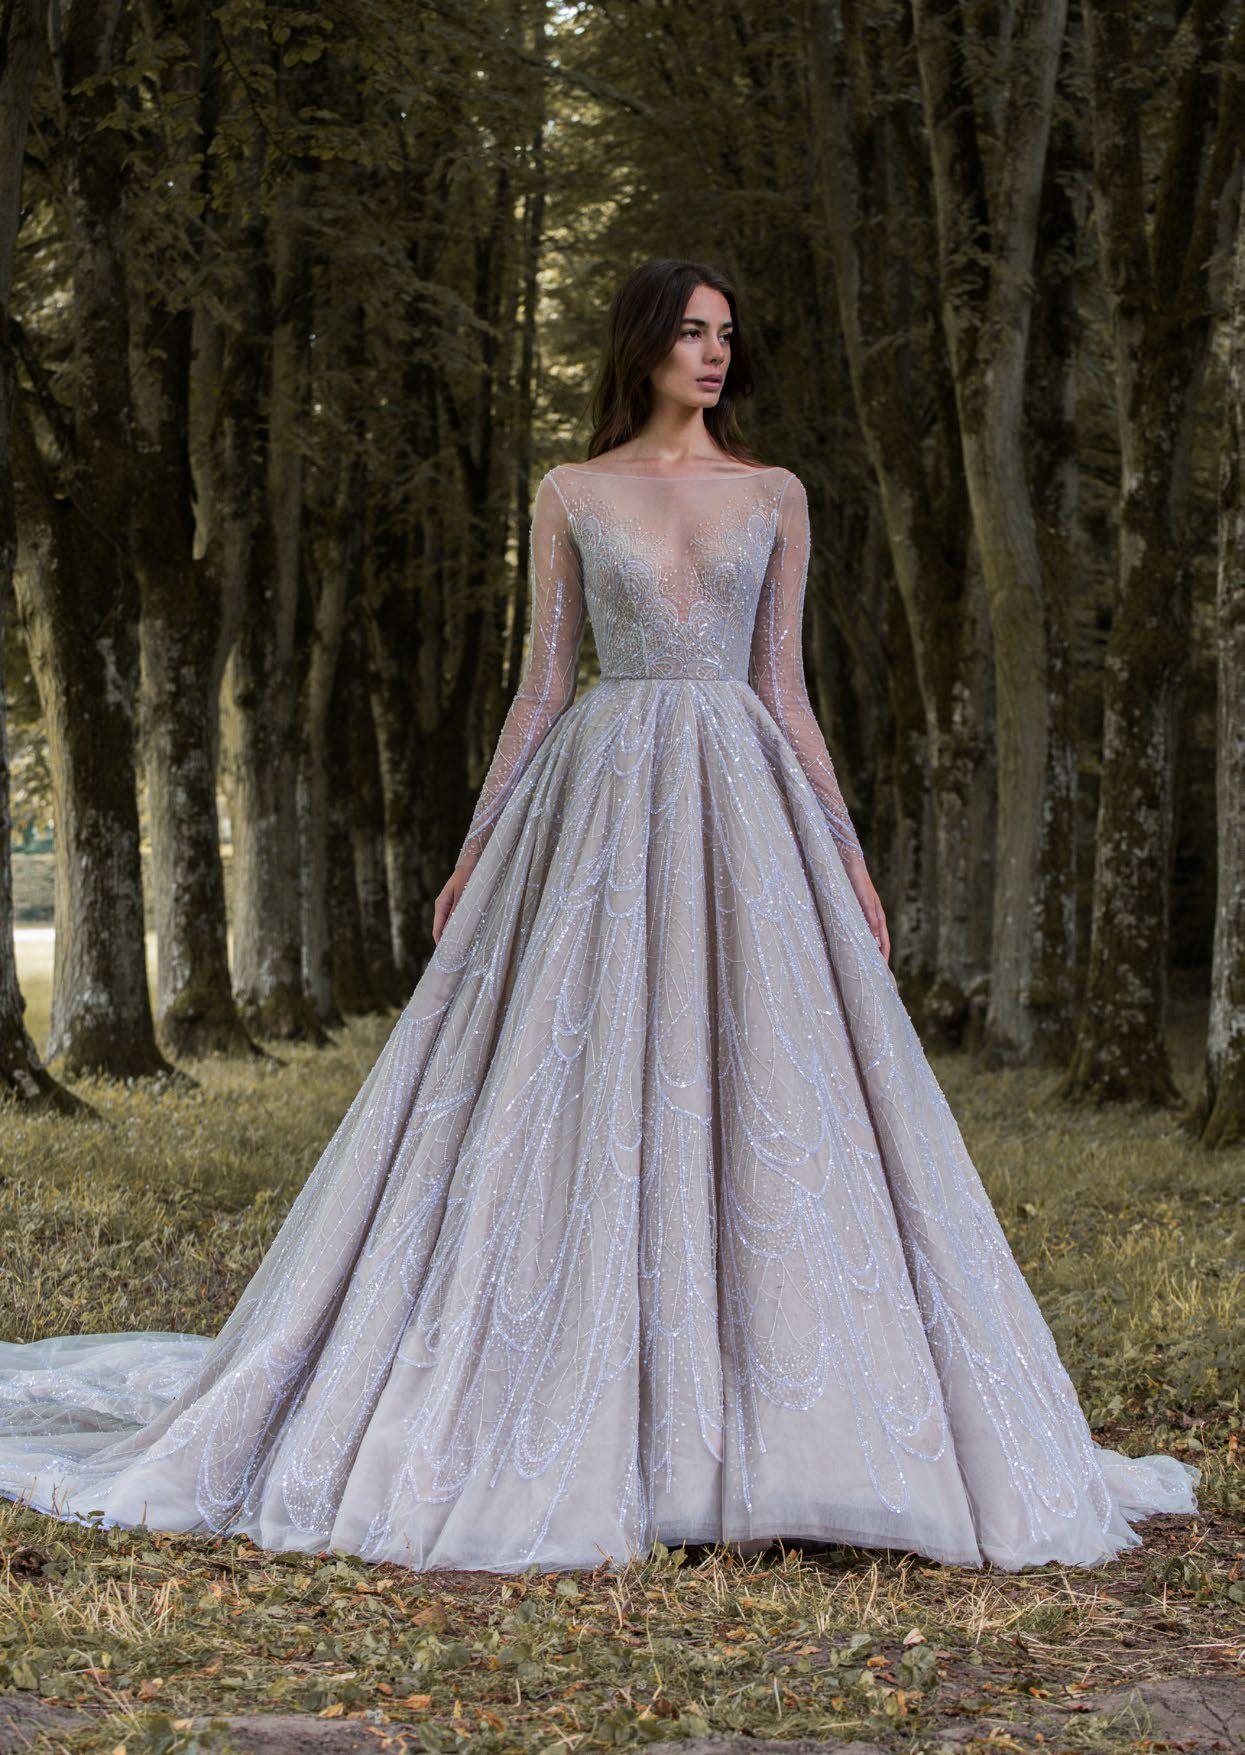 Dusky lavender gossamer wing-inspired long sleeved wedding ball gown ...